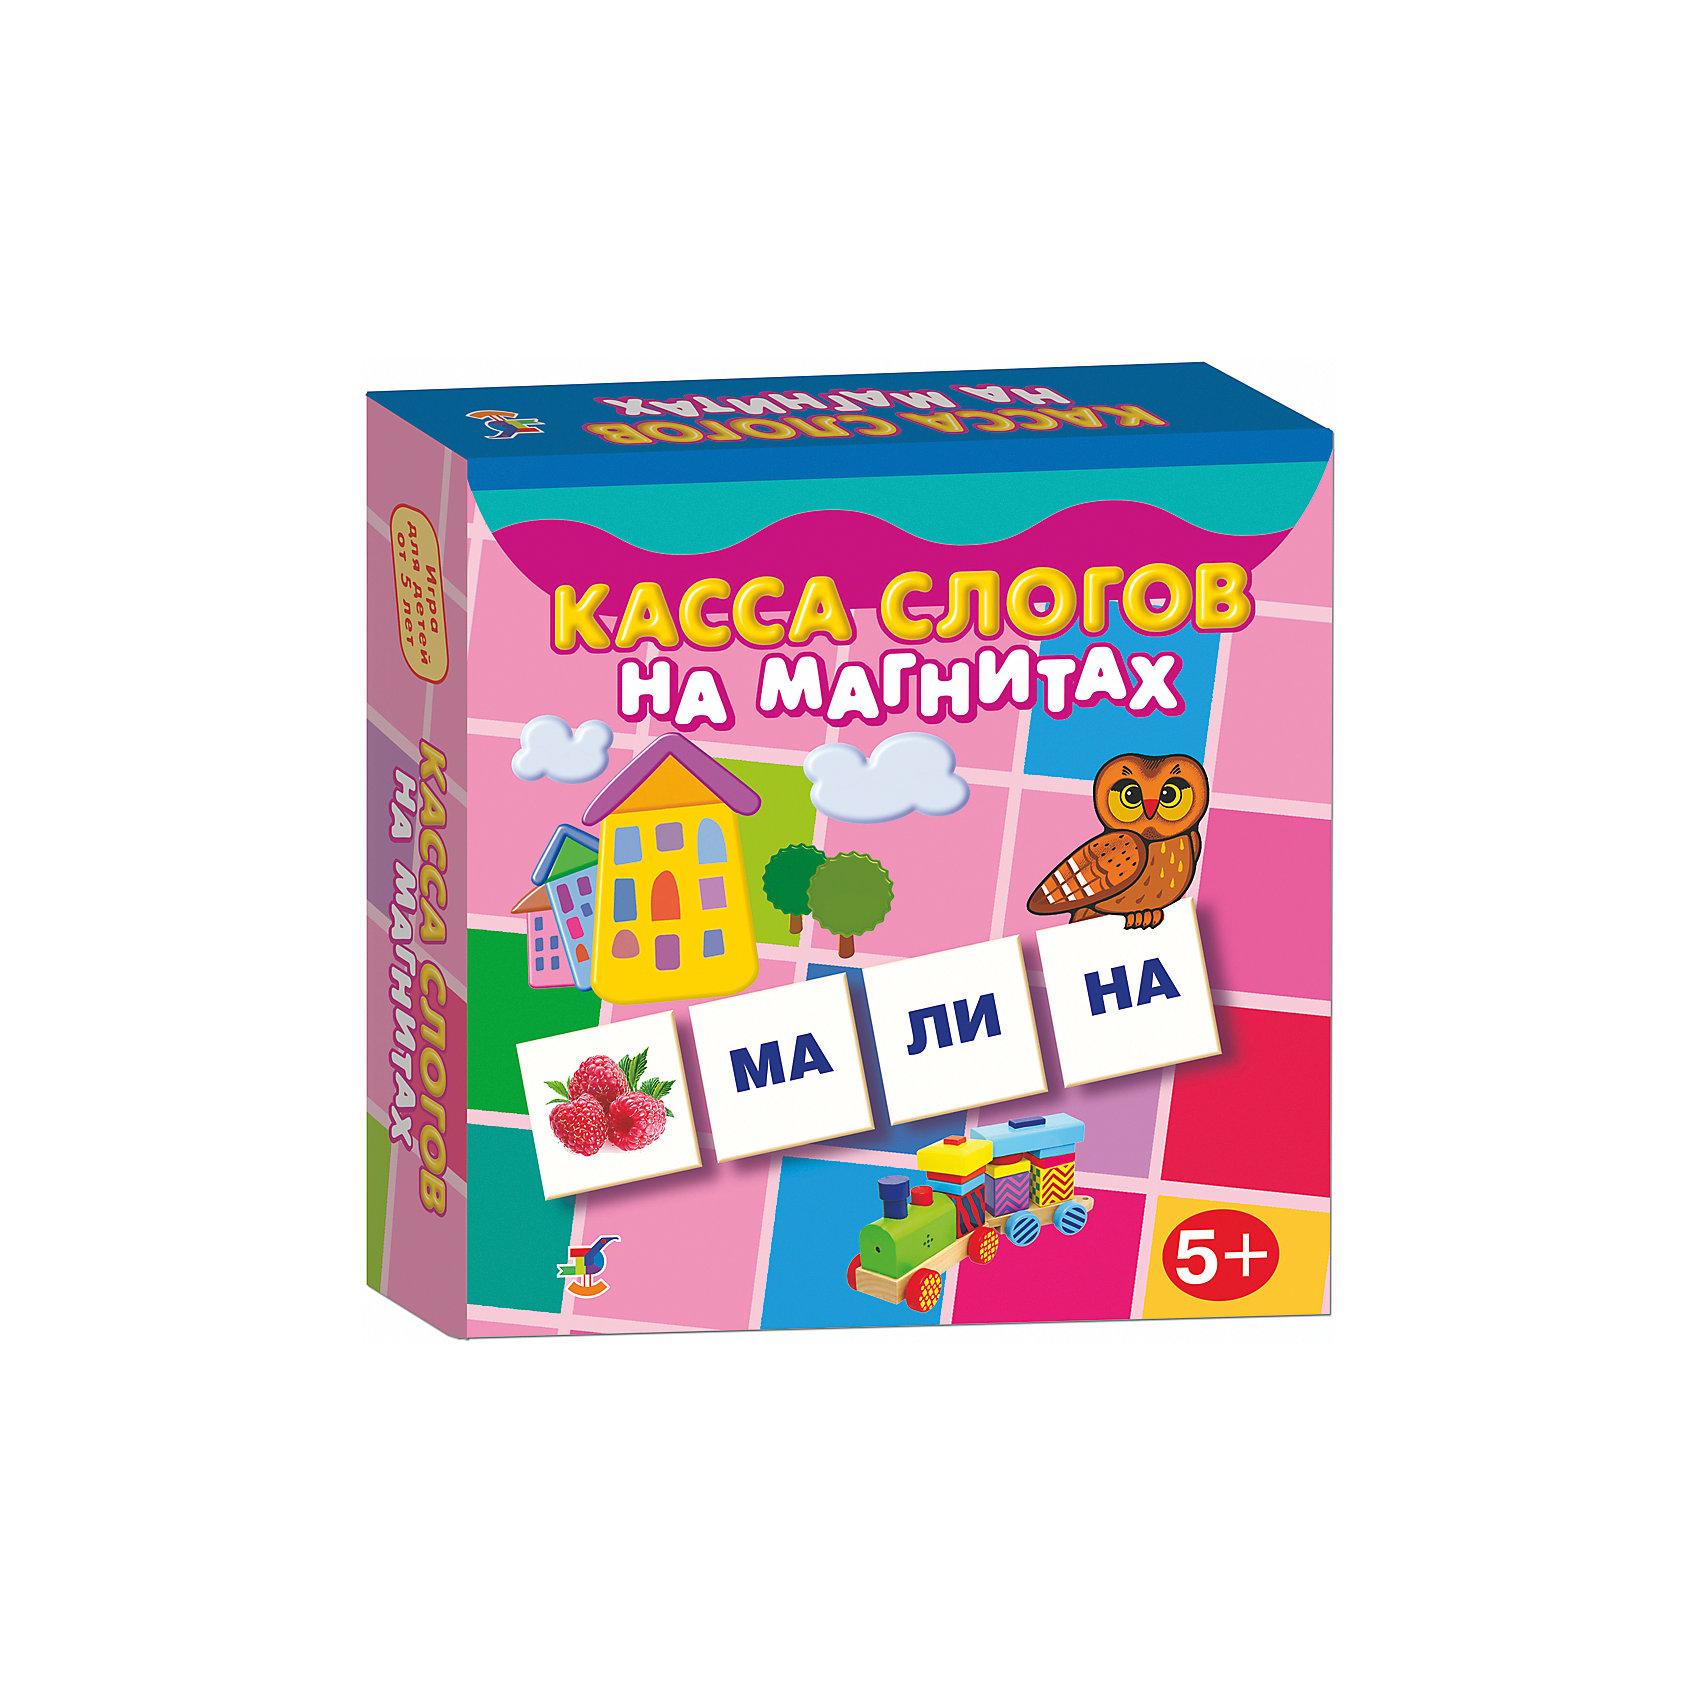 Касса слогов на магнитах, Дрофа-МедиаКарточные игры<br>Характеристики кассы слогов на магнитах:<br><br>- возраст: от 5 лет<br>- пол: для мальчиков и девочек<br>- комплект: 96 карточек, инструкция.<br>- материал: картон, магнит.<br>- размер упаковки: 18 * 18 * 4 см.<br>- упаковка: картонная коробка.<br>- бренд: Дрофа-Медиа<br>- страна обладатель бренда: Россия.<br><br>Яркий набор, представленный в виде карточек, будет отличным подарком для детей. Благодаря этому набору, можно научить ребенка составлять слова из слогов. Набор состоит из карточек, на которых изображены предметы и различные виды слогов. Карточки представляют собой плотный картон, сзади которых прикреплен магнит. Этот набор поможет детям ознакомится с видами слогов, научится читать, улучшит внимательность и сосредоточенность, а также сможет составлять слова из слогов.<br><br>Кассу слогов на магнитах издательства Дрофа-Медиа можно купить в нашем интернет-магазине.<br><br>Ширина мм: 180<br>Глубина мм: 40<br>Высота мм: 180<br>Вес г: 170<br>Возраст от месяцев: 60<br>Возраст до месяцев: 2147483647<br>Пол: Унисекс<br>Возраст: Детский<br>SKU: 5386281